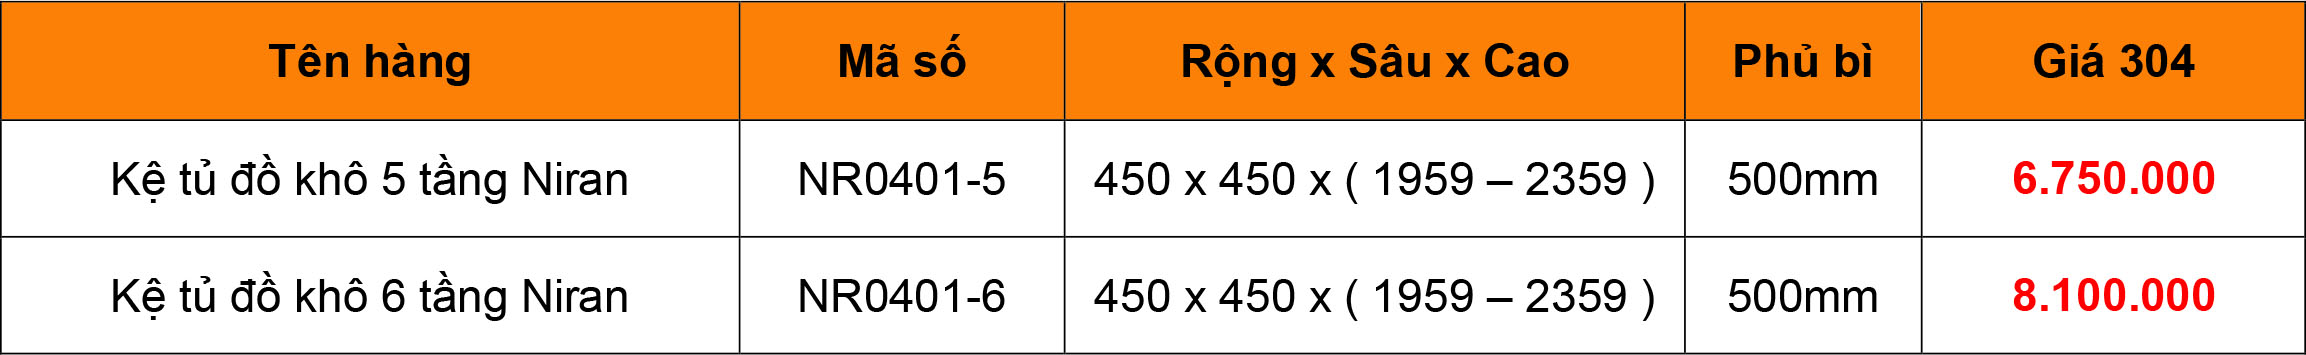 Bảng giá kệ tủ đồ khô Niran NR0401